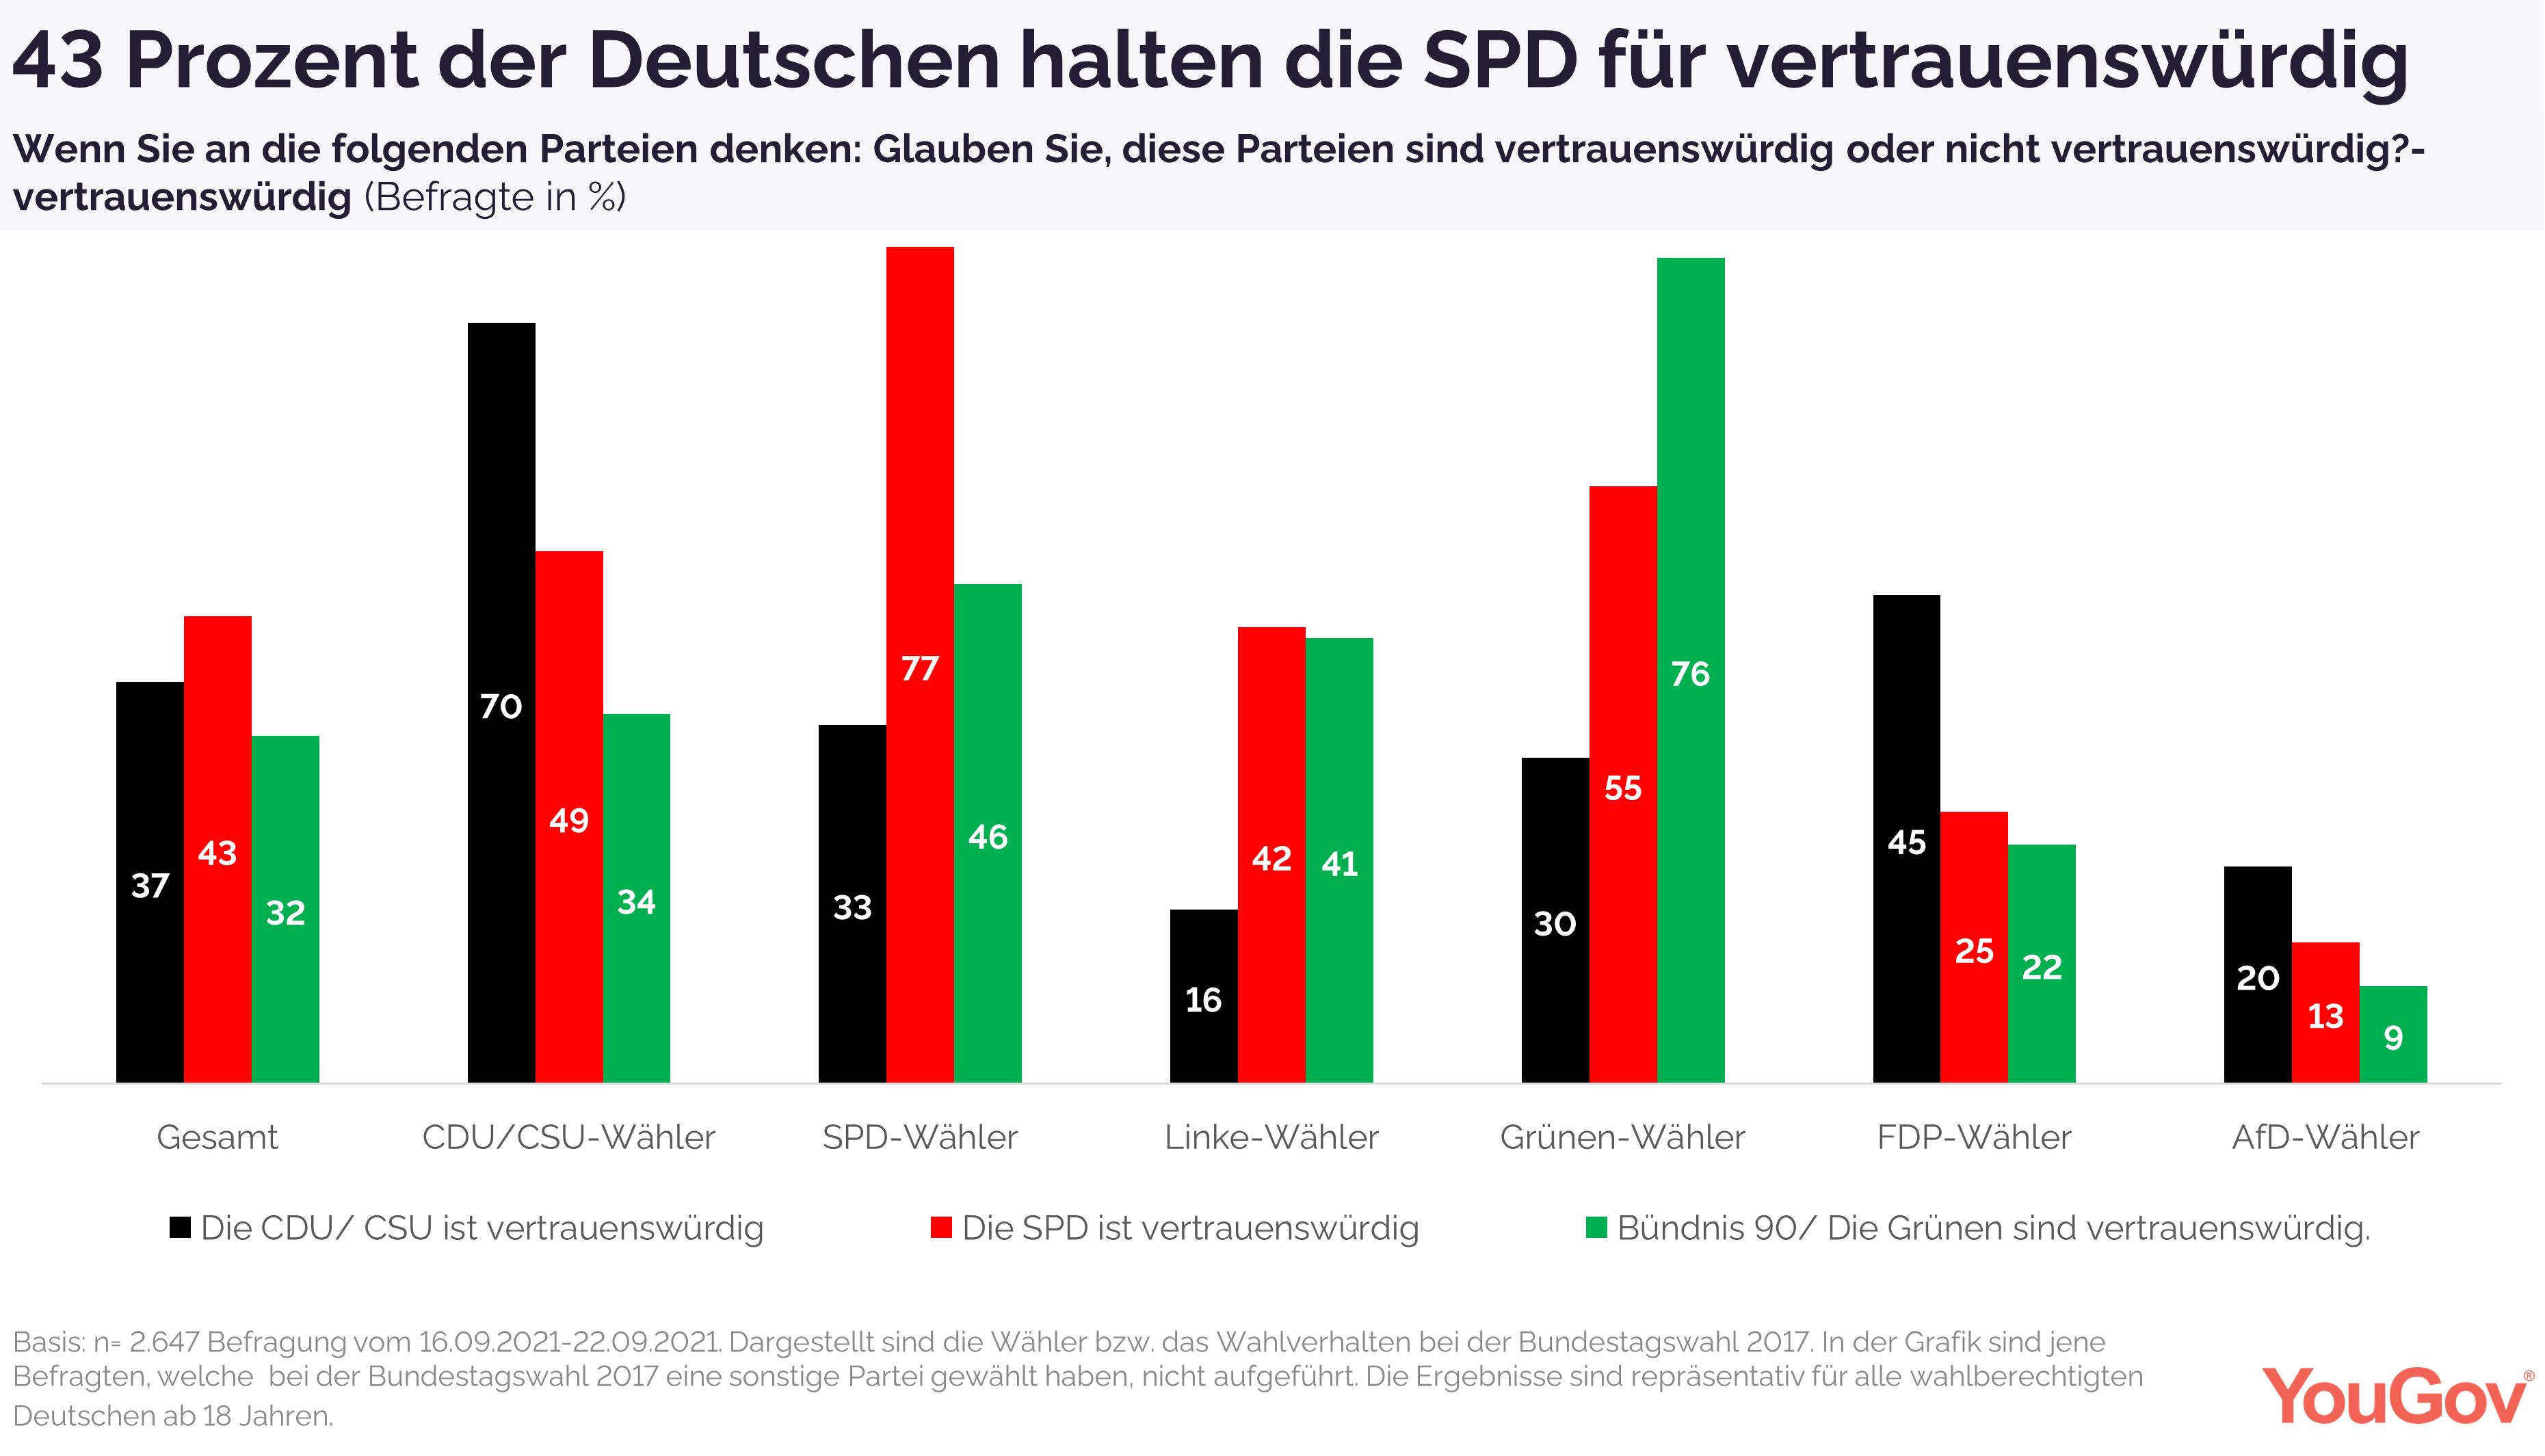 43 Prozent halten SPD für vertrauenswürdig